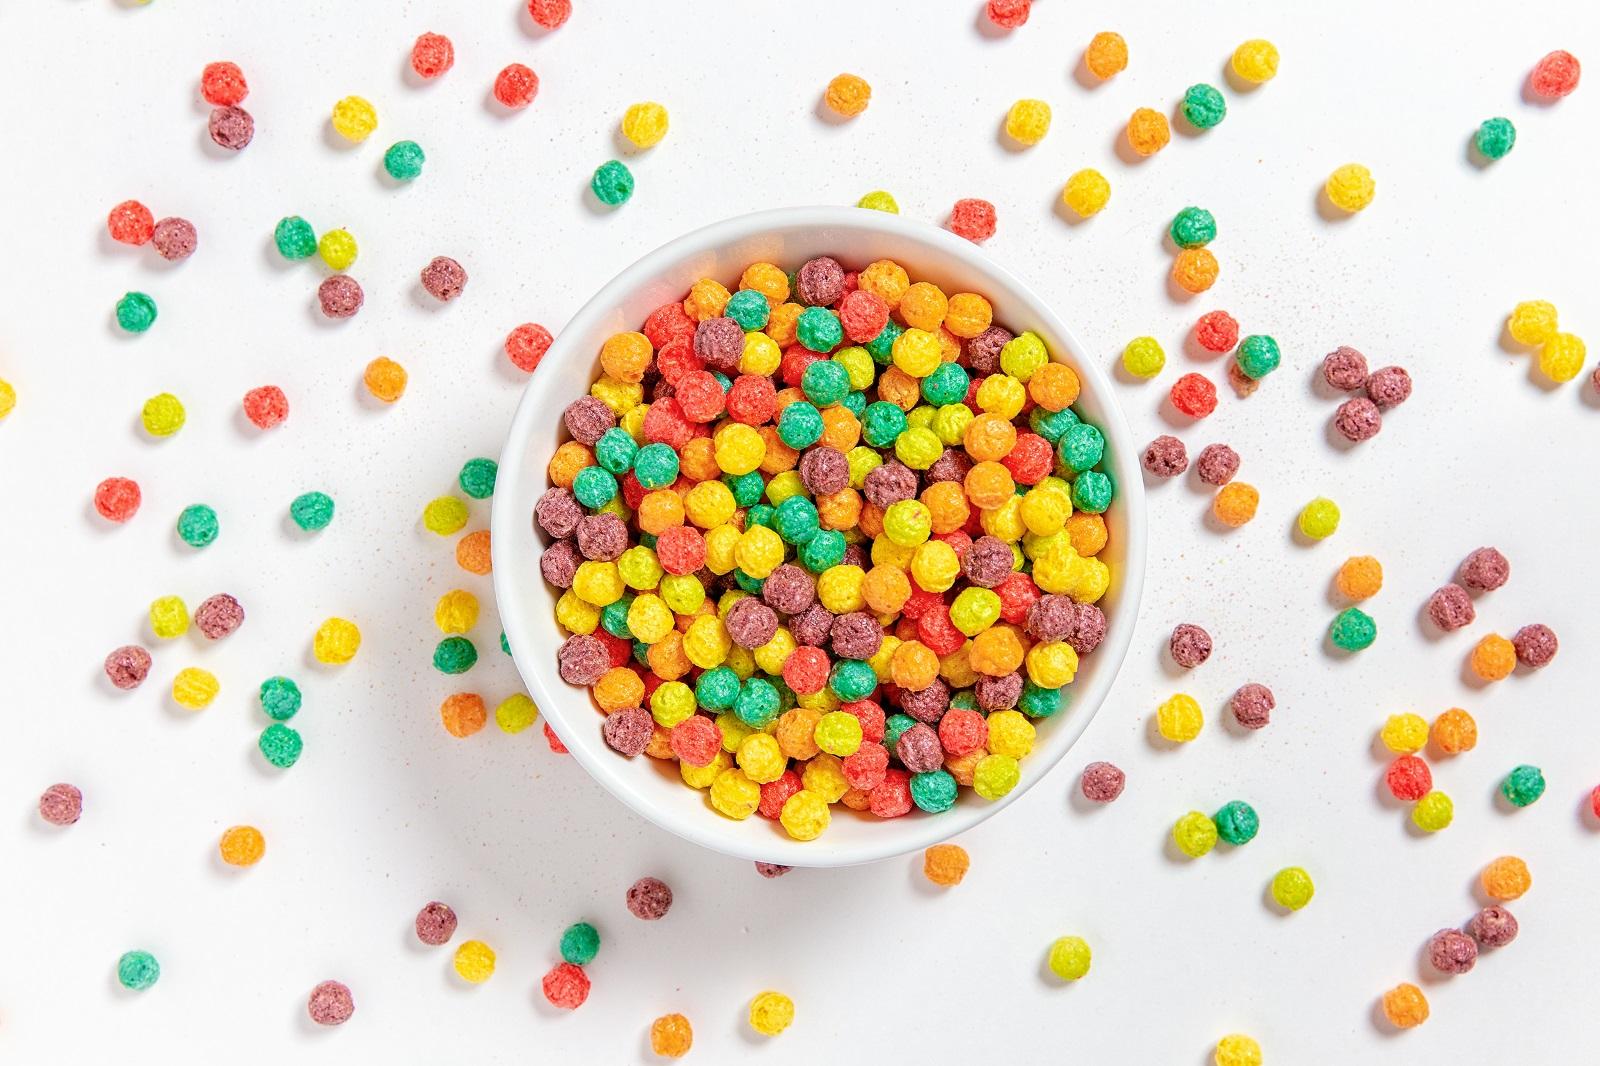 Захарни зърнени храни Повишават нивата на глюкозата в кръвта, а това може да доведе до кратък изблик на енергия.